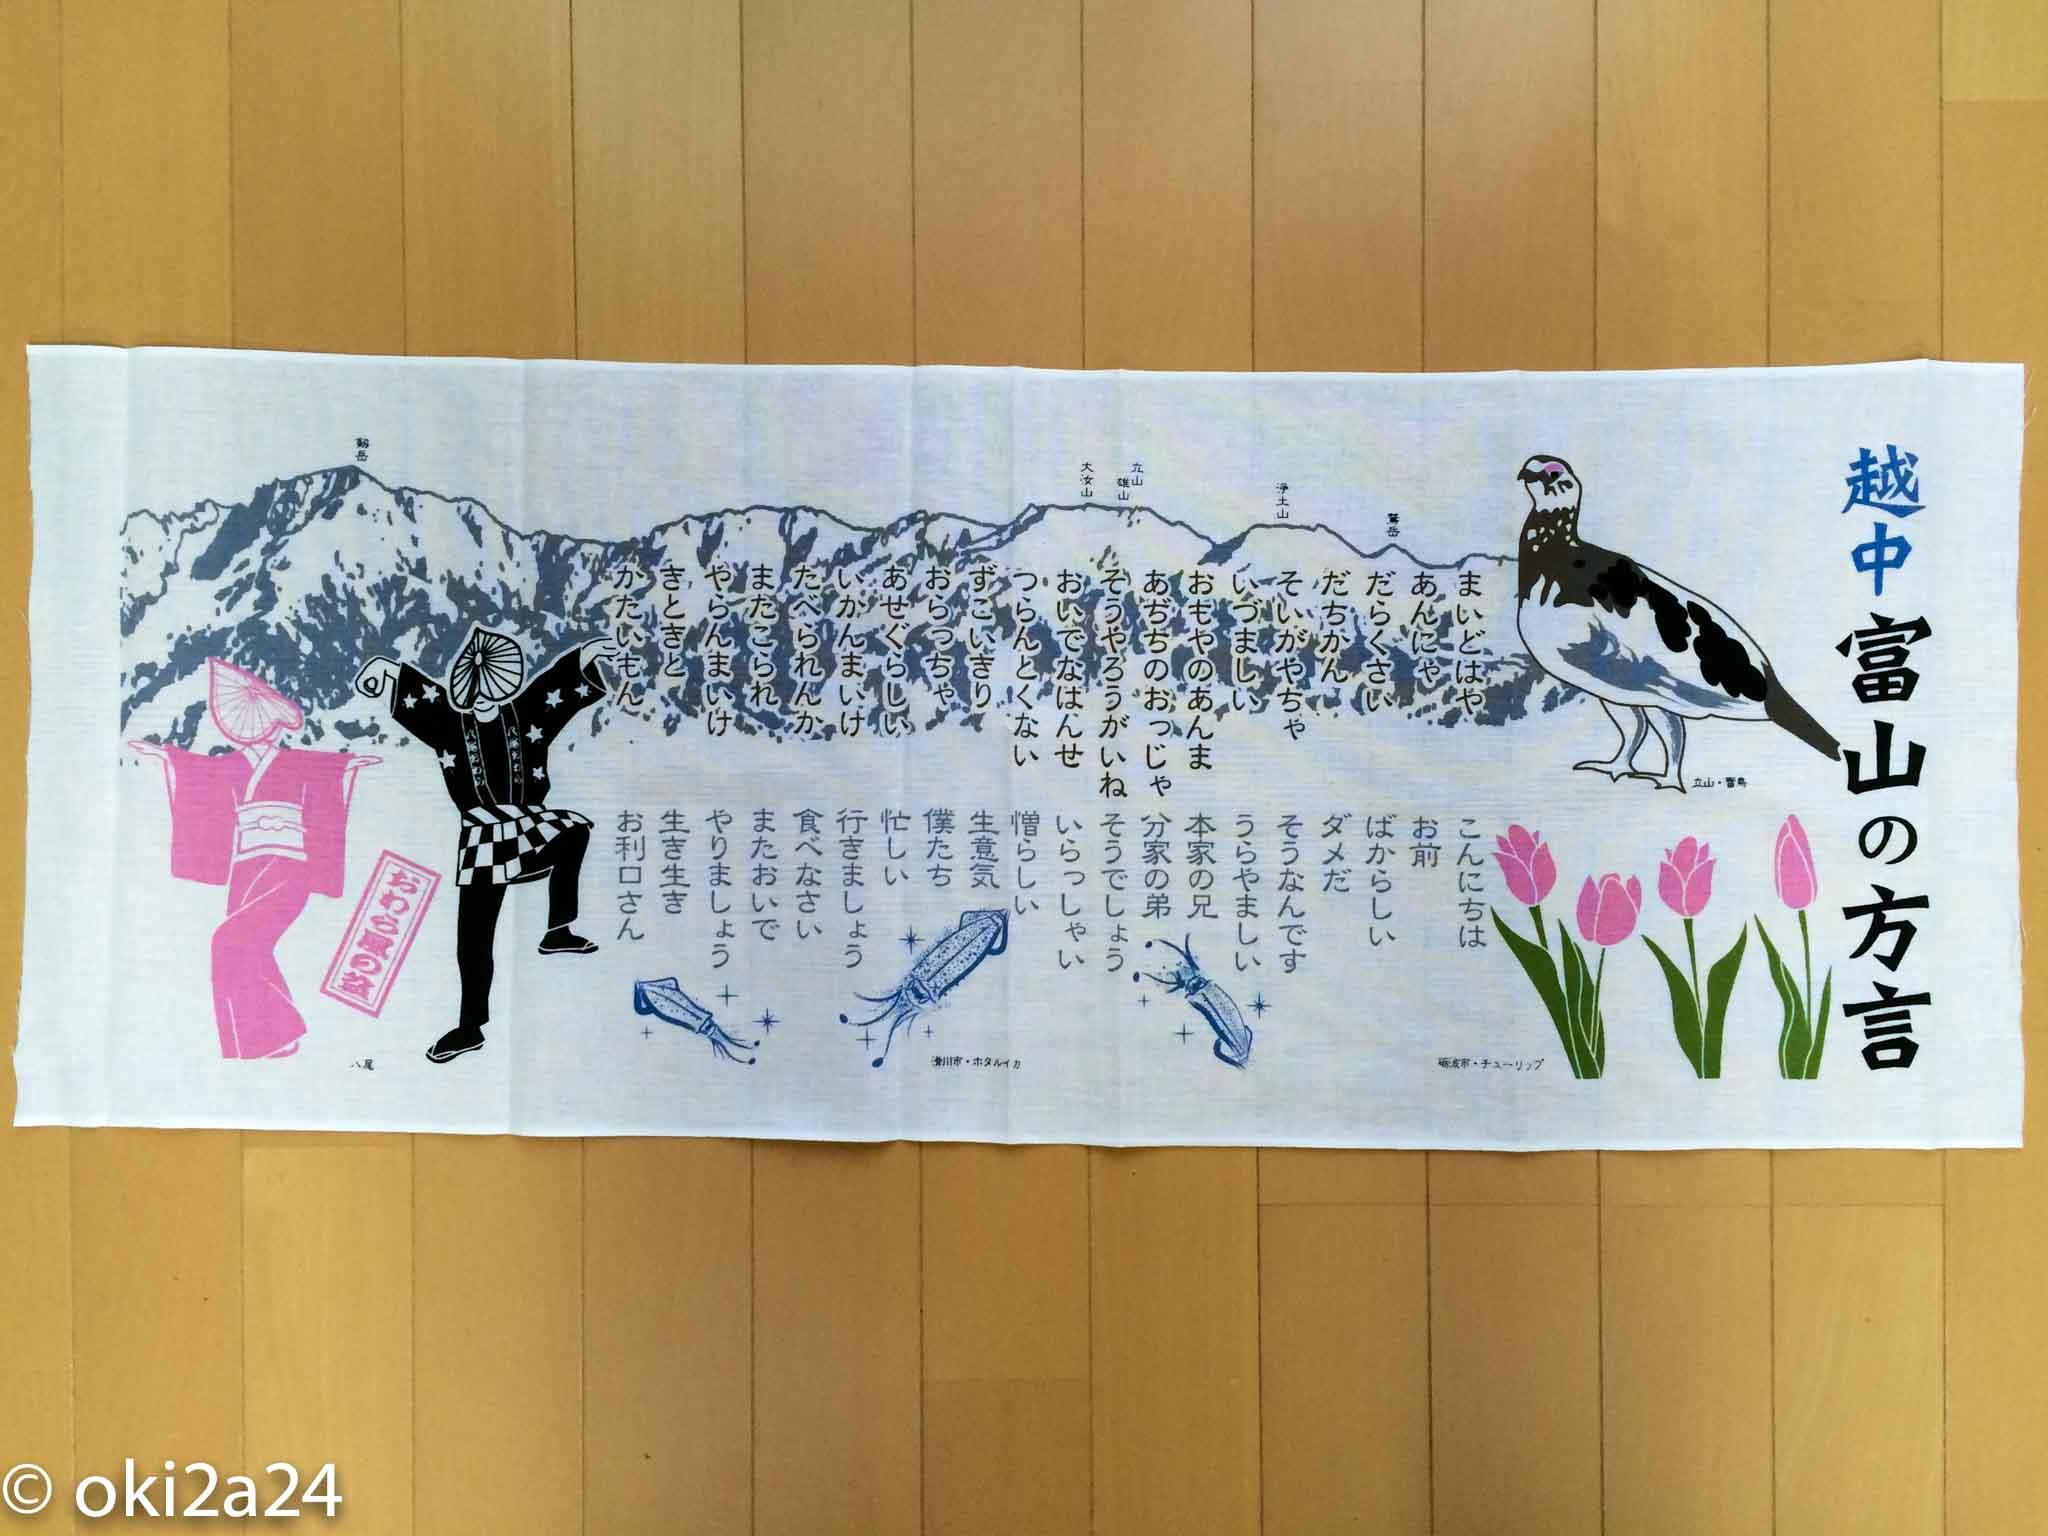 越中富山の方言手ぬぐい。方言の他、富山の特徴を図解している。